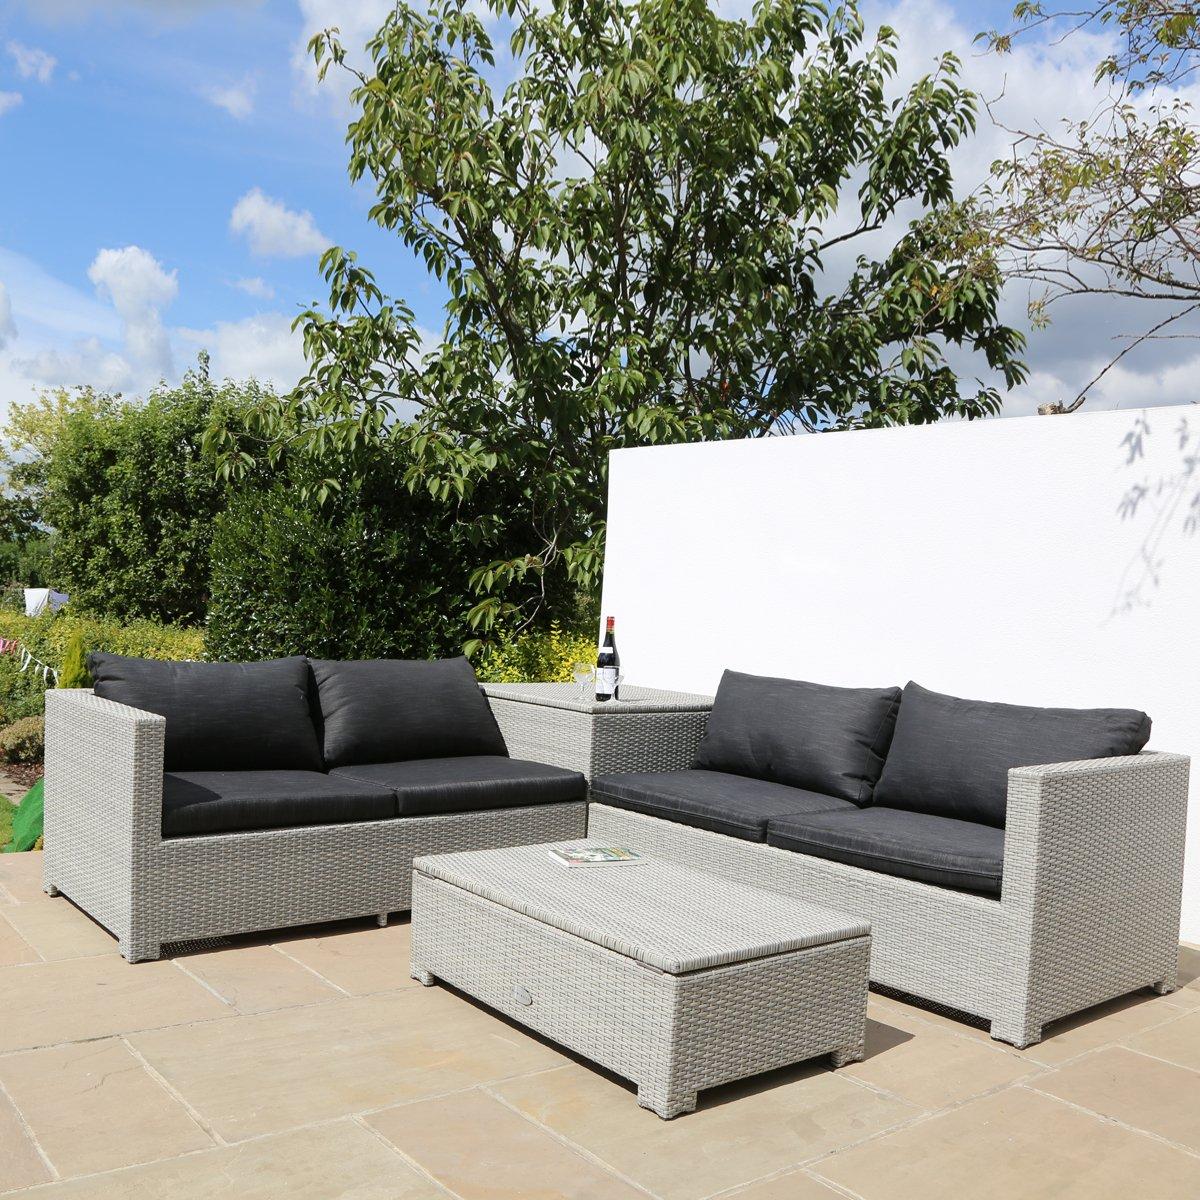 Vier Sitzer Rattan Garten Sofa Set Mit Beistelltisch Und